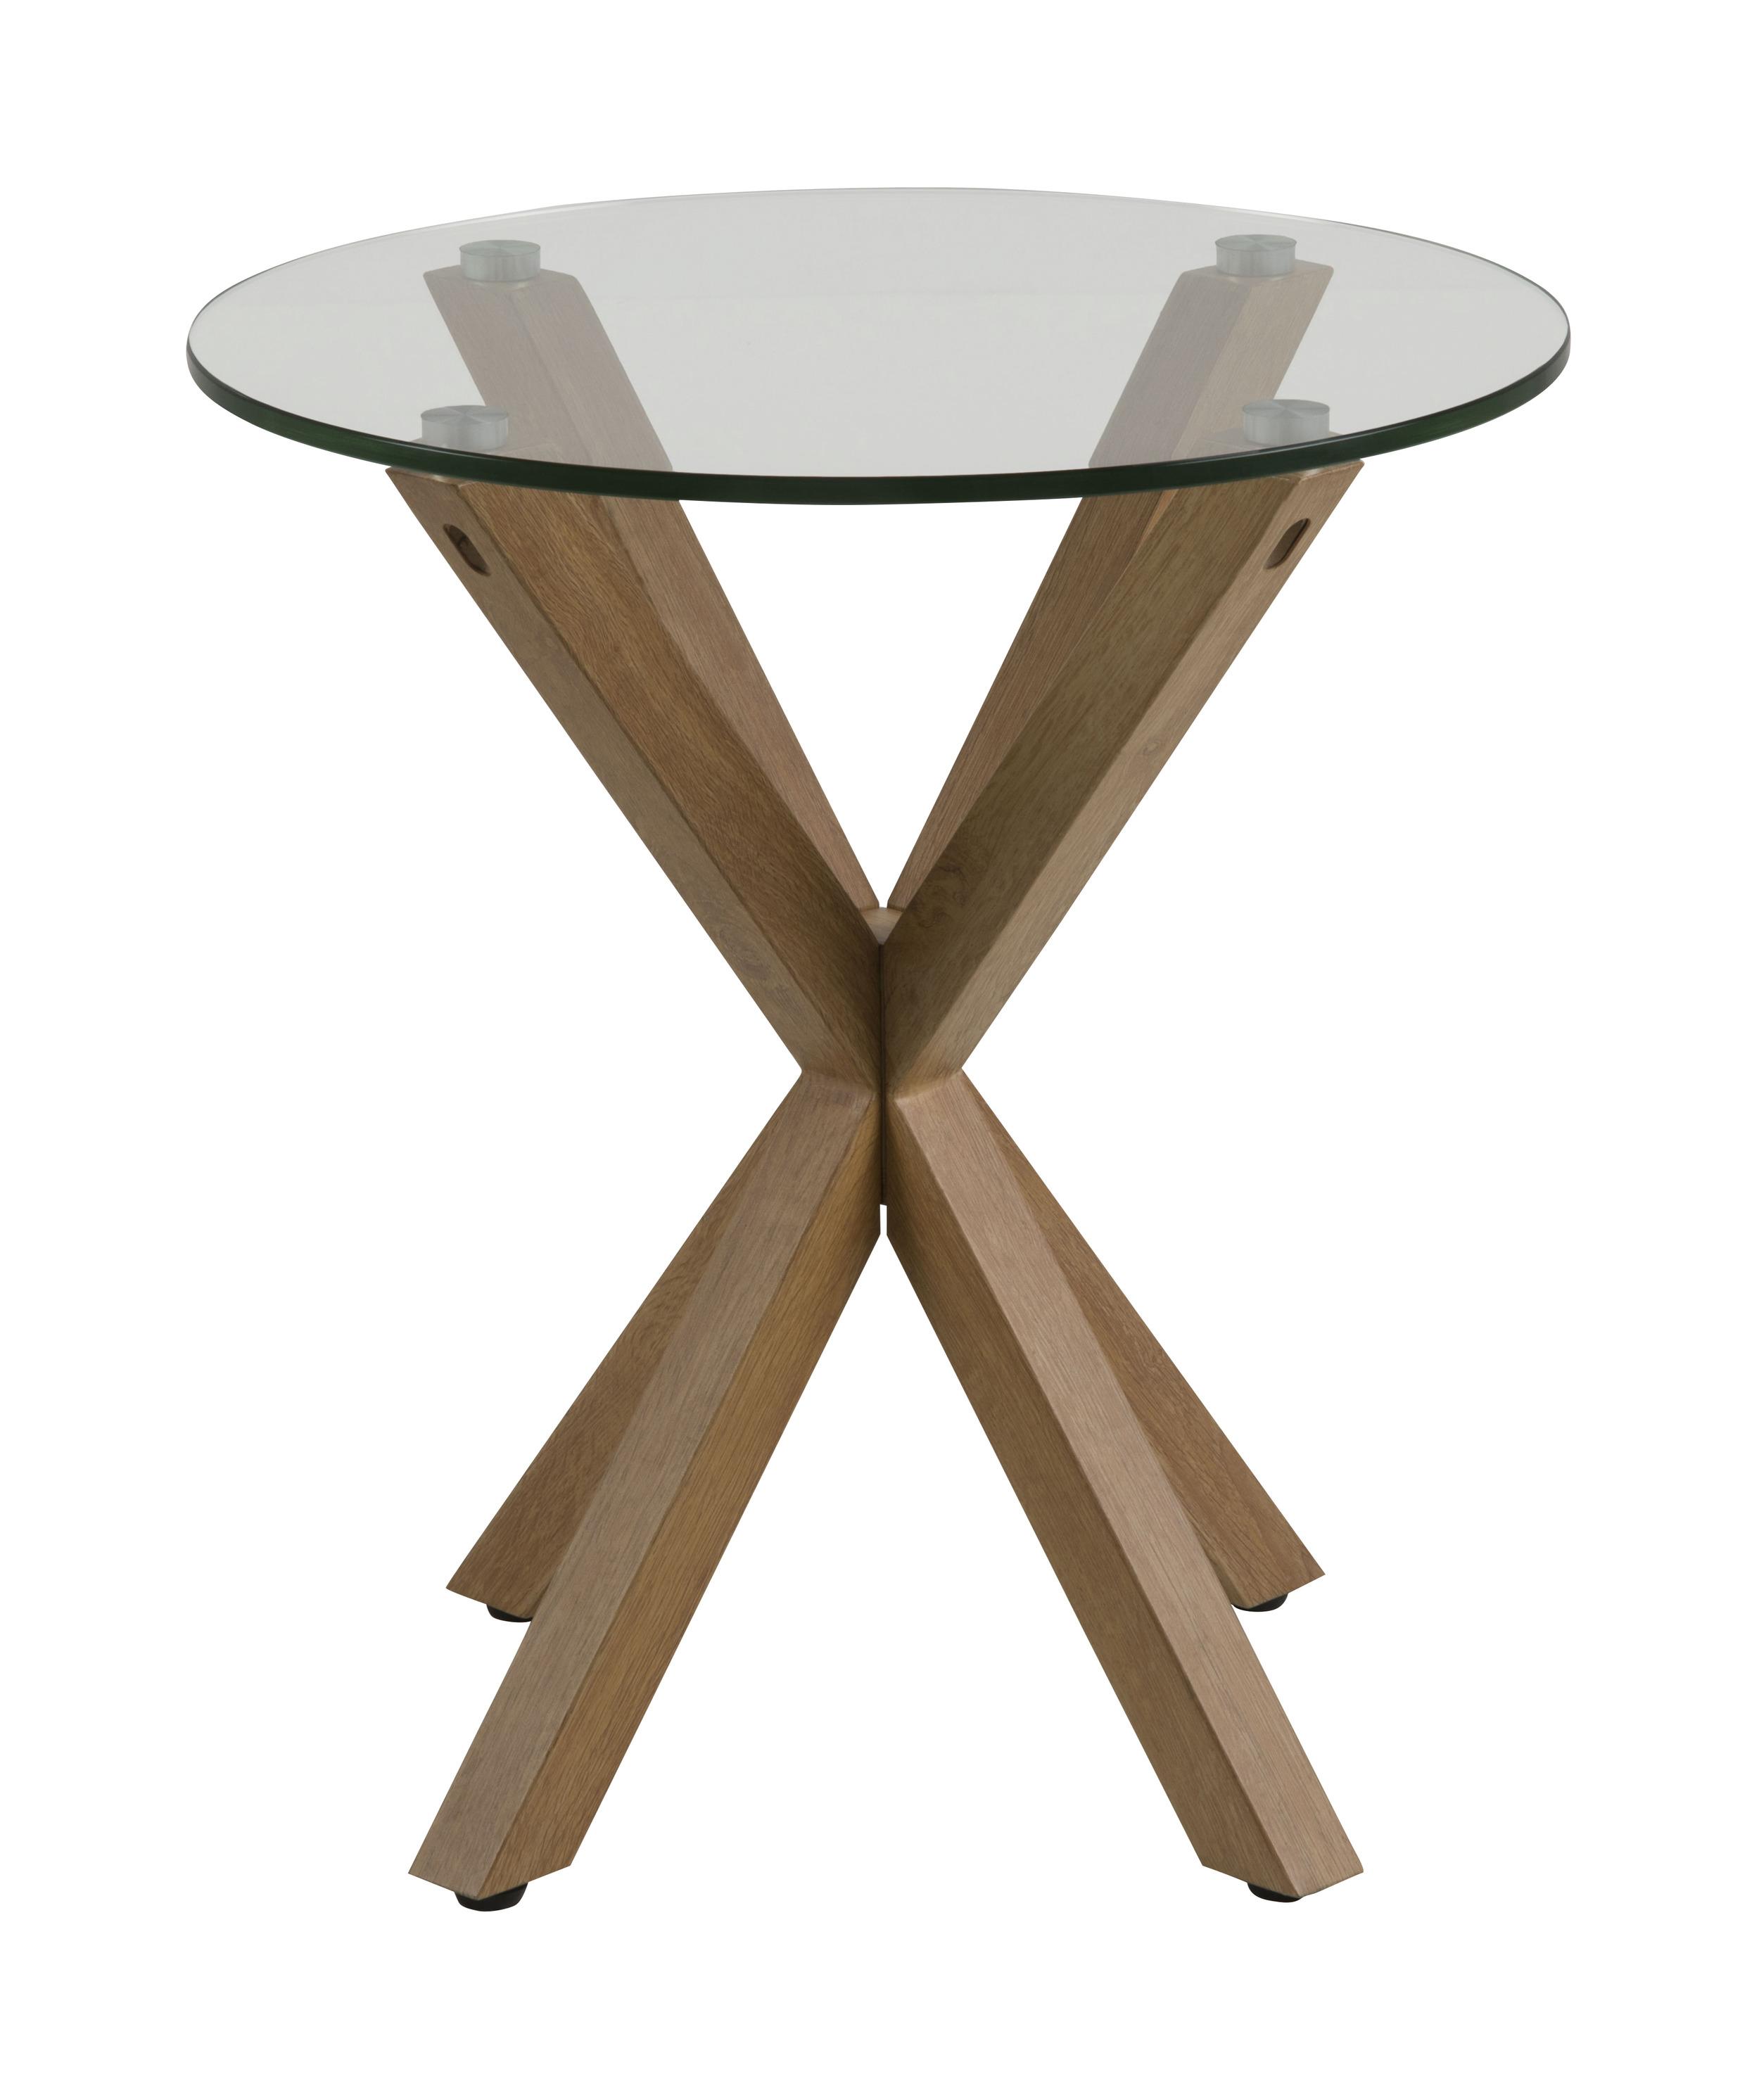 Uw partner in meubels: Bendt Glazen Bijzettafel 'Line' 50cm Tafels | Bijzettafels